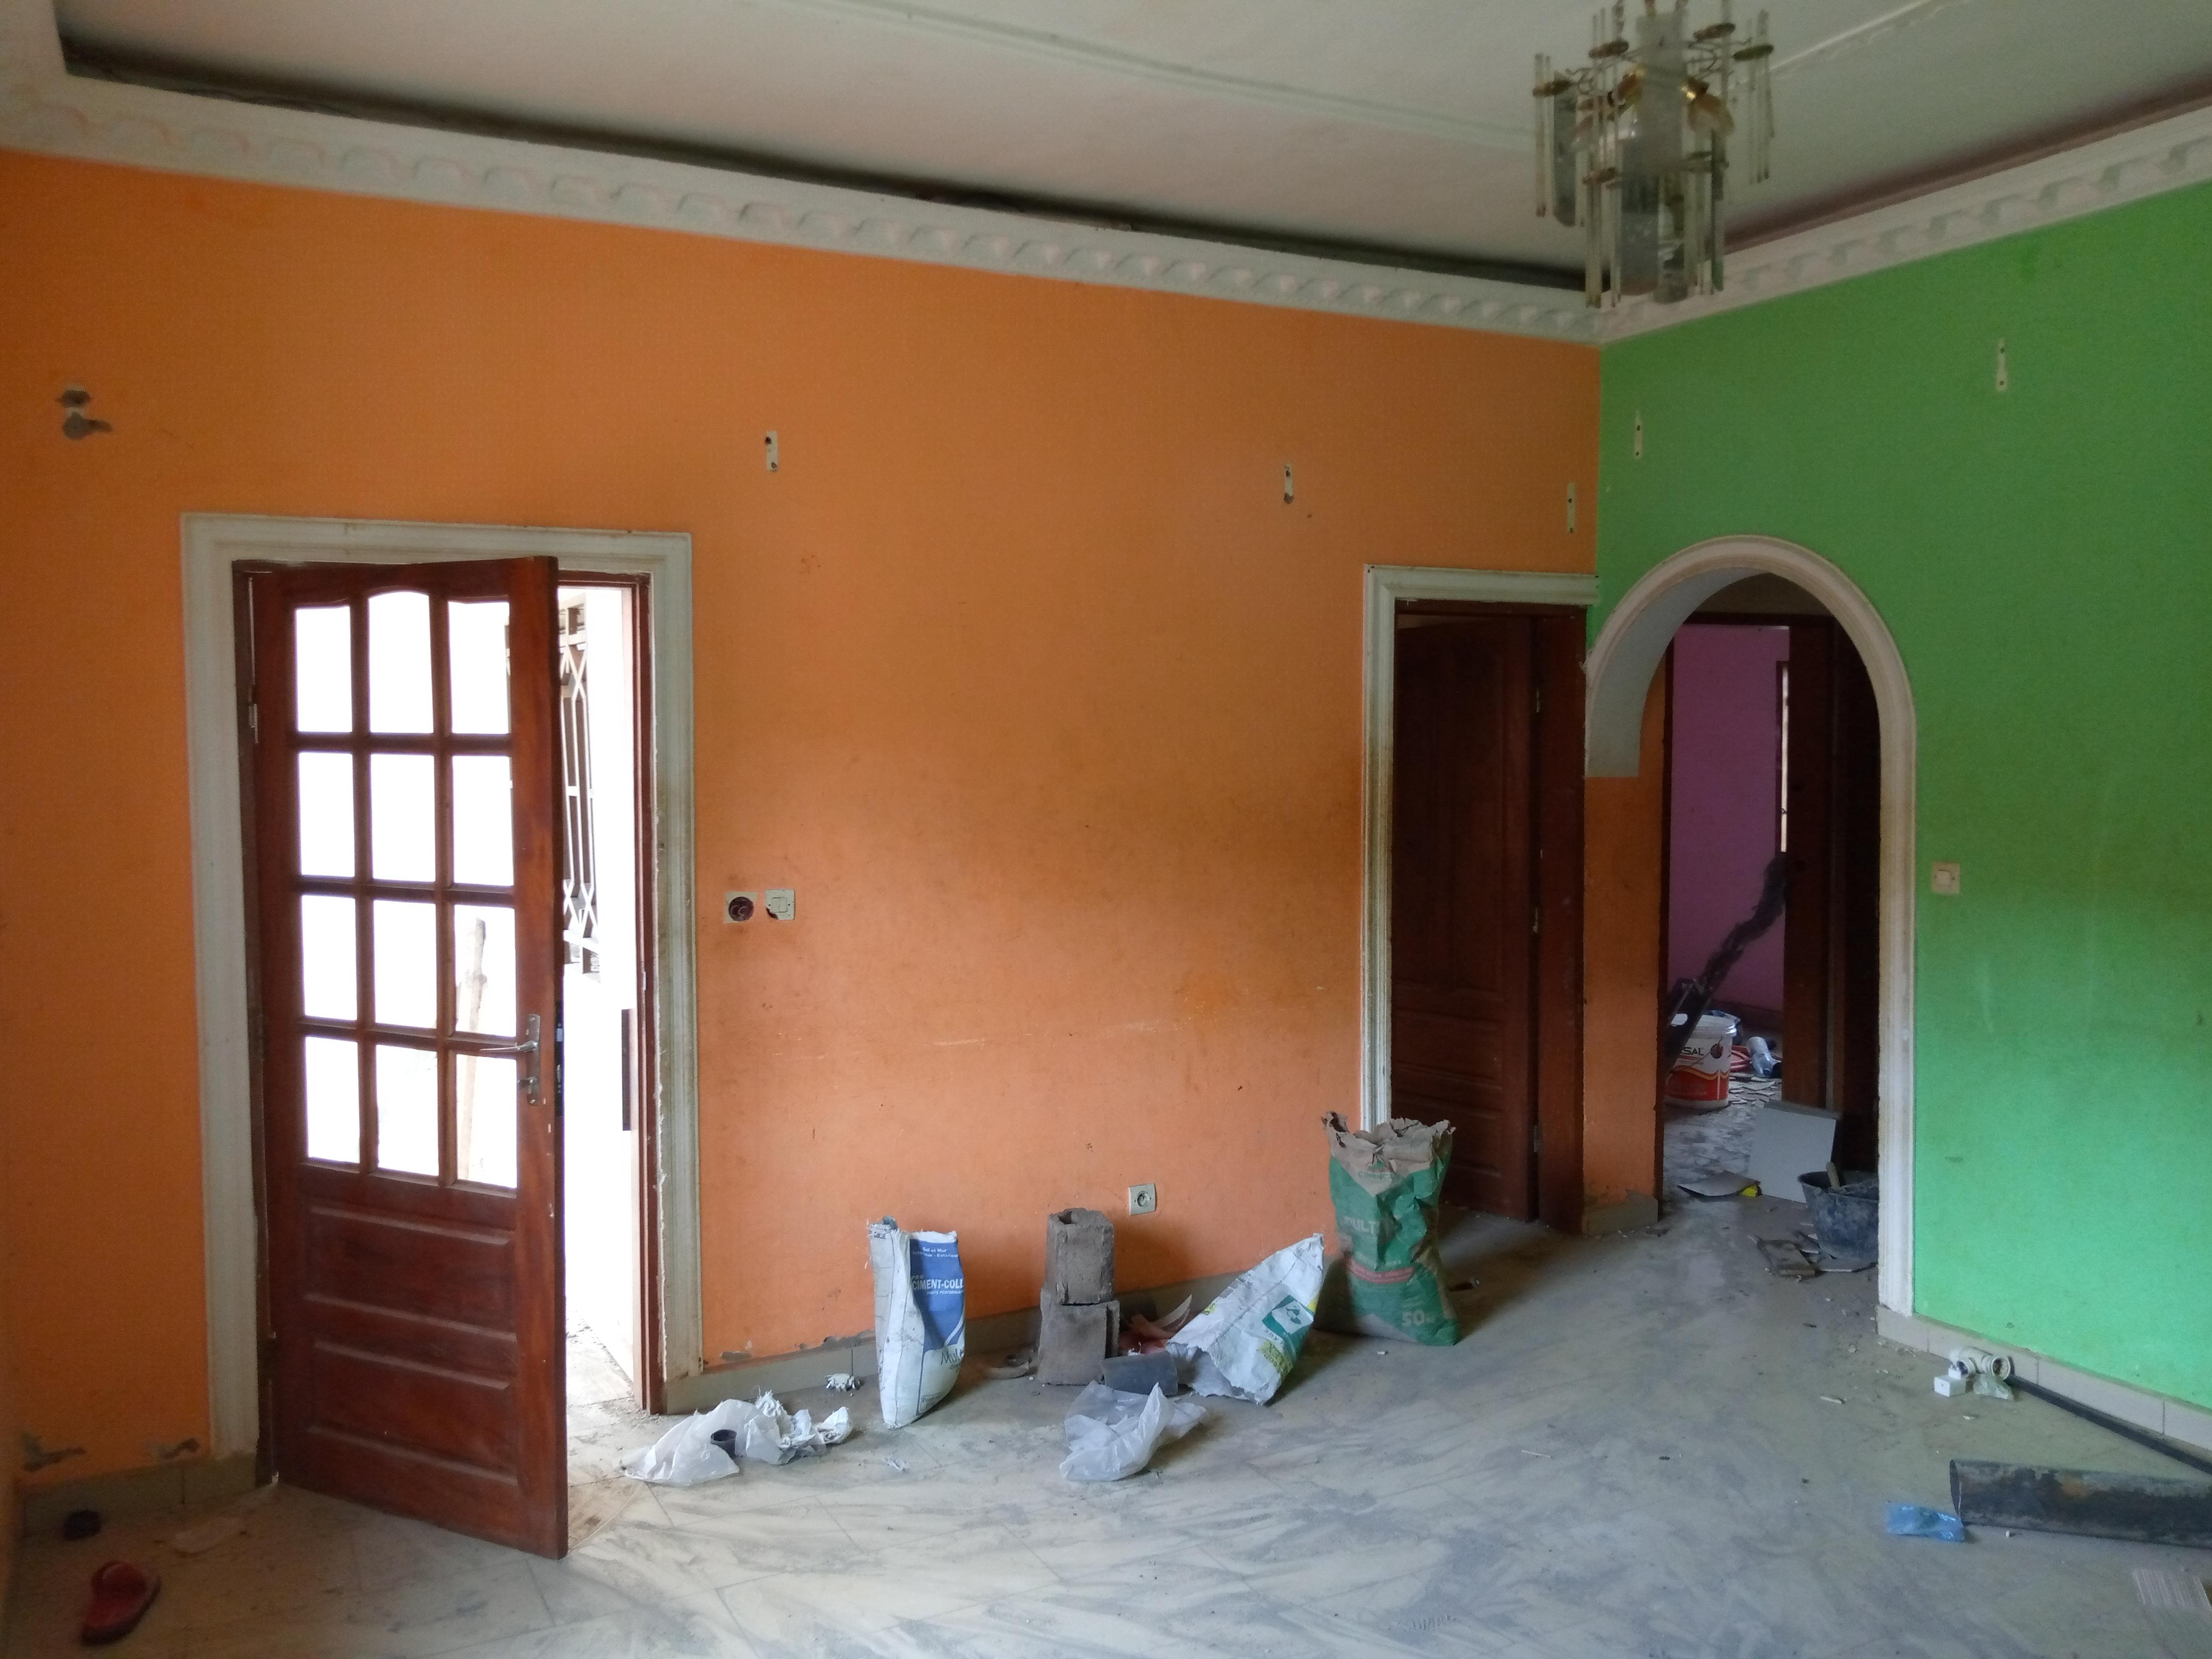 Appartement à louer - Yaoundé, Biyem-Assi, Jouvence - 1 salon(s), 2 chambre(s), 2 salle(s) de bains - 110 000 FCFA / mois